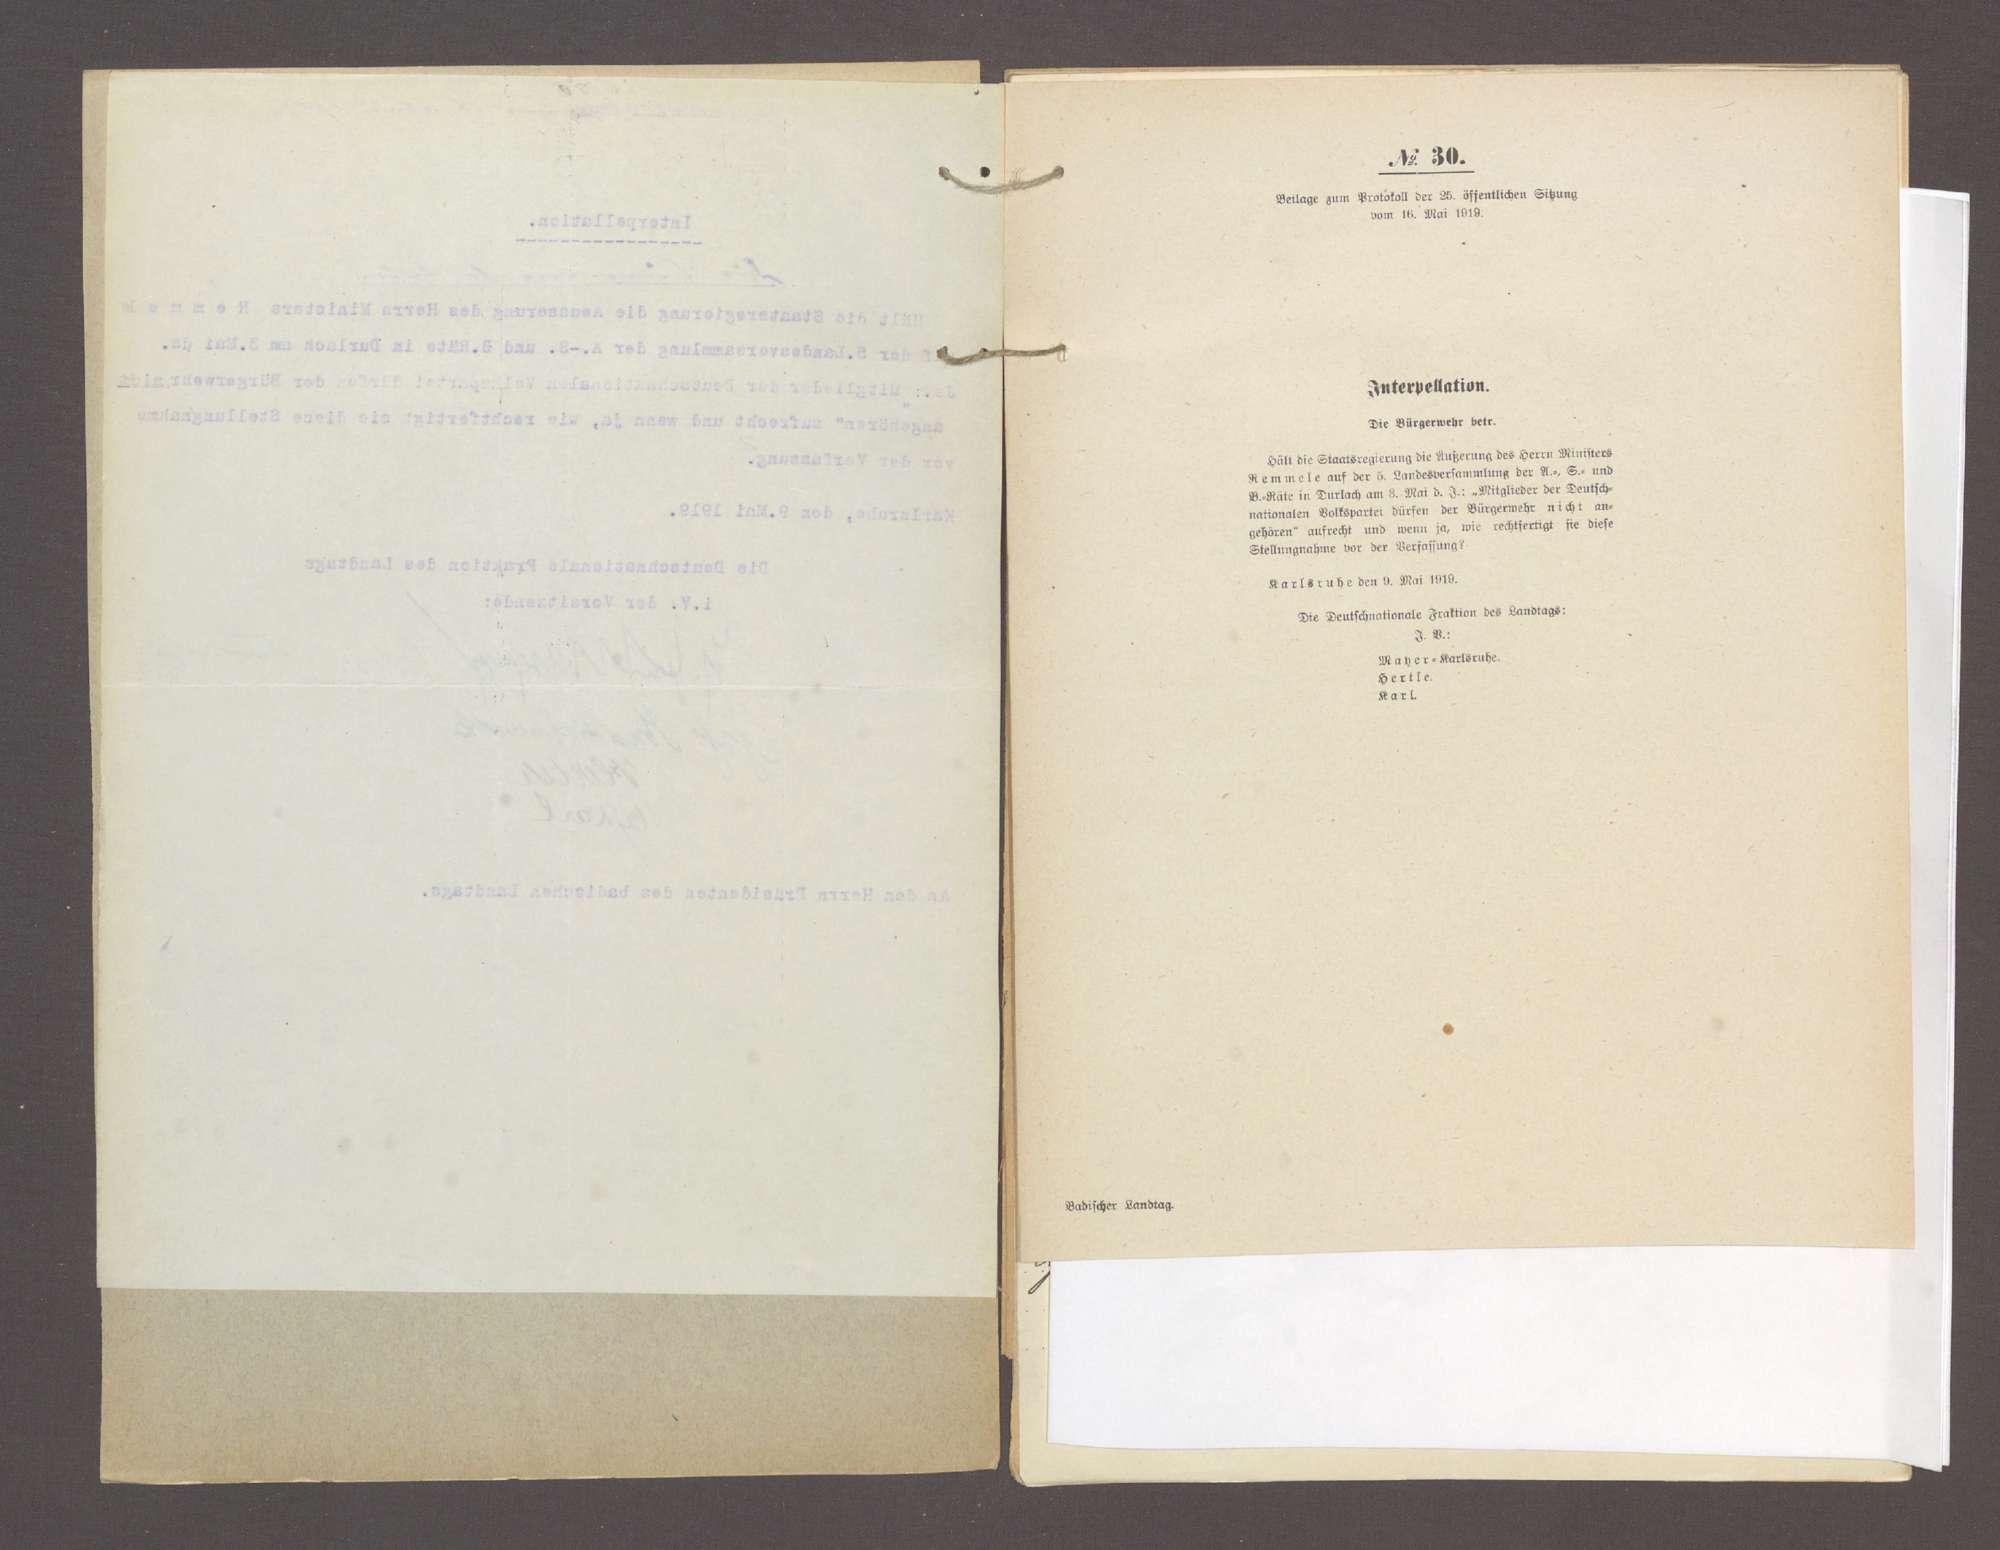 Interpellation 1) der Abg. Mayer, Karlsruhe und Gen., die Bürgerwehr betr. 2) der Abg. König und Gen., die Volkswehr betr., Bild 3